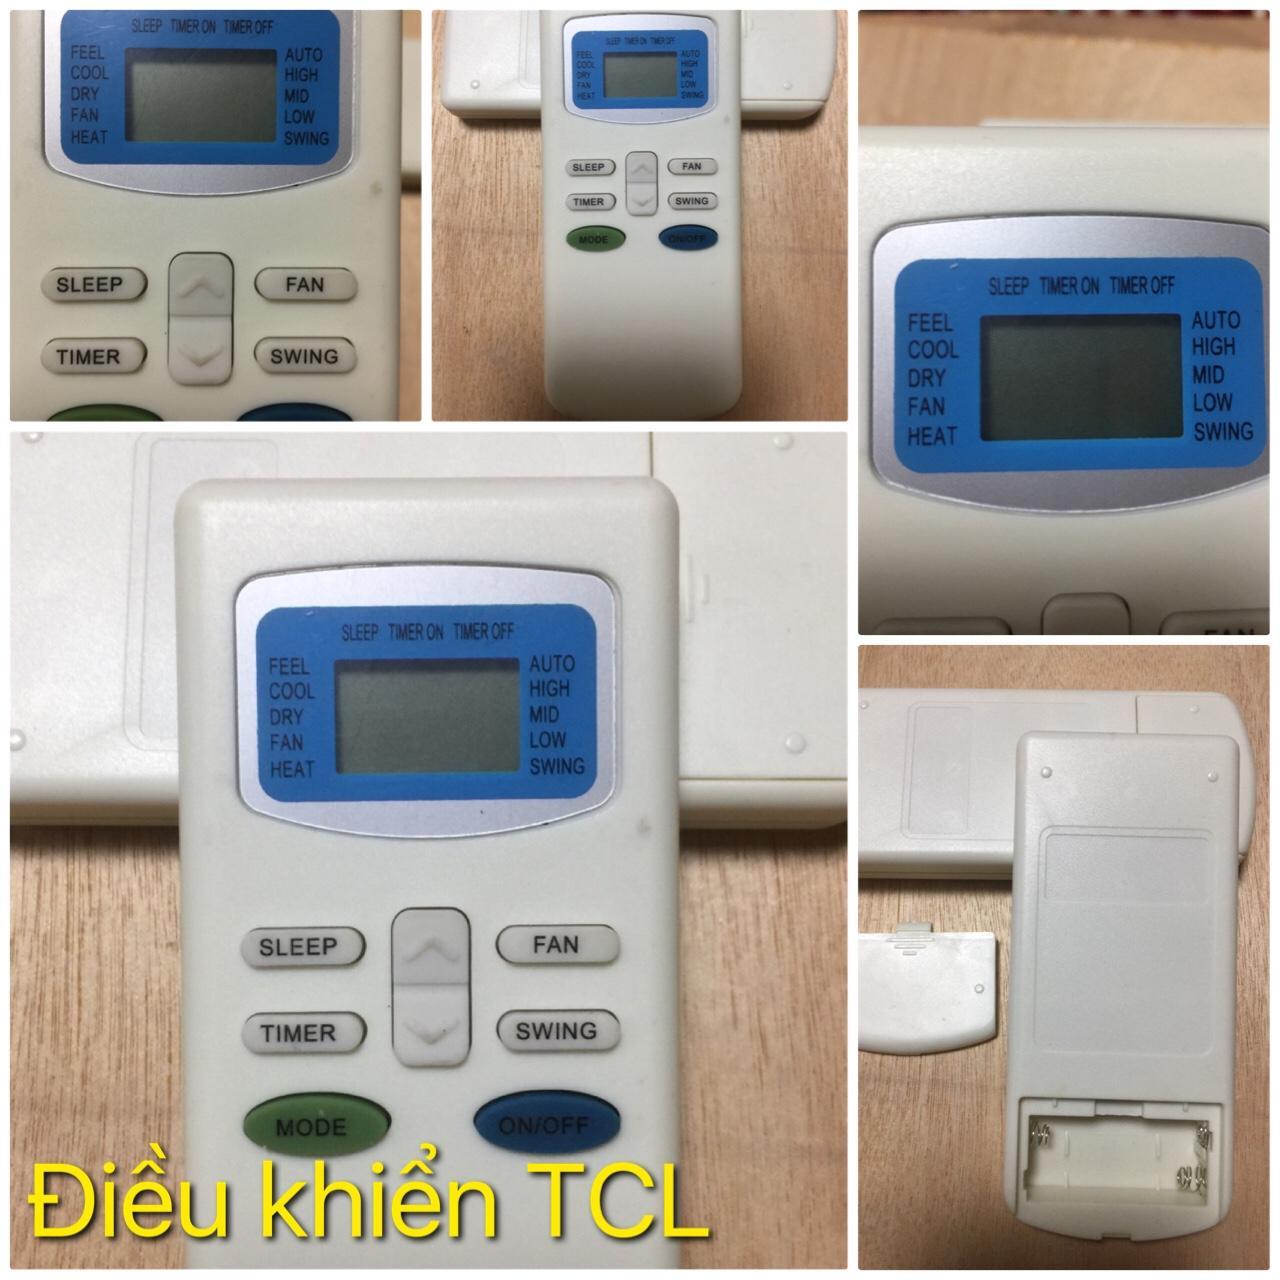 Điều khiển điểu hòa TCL